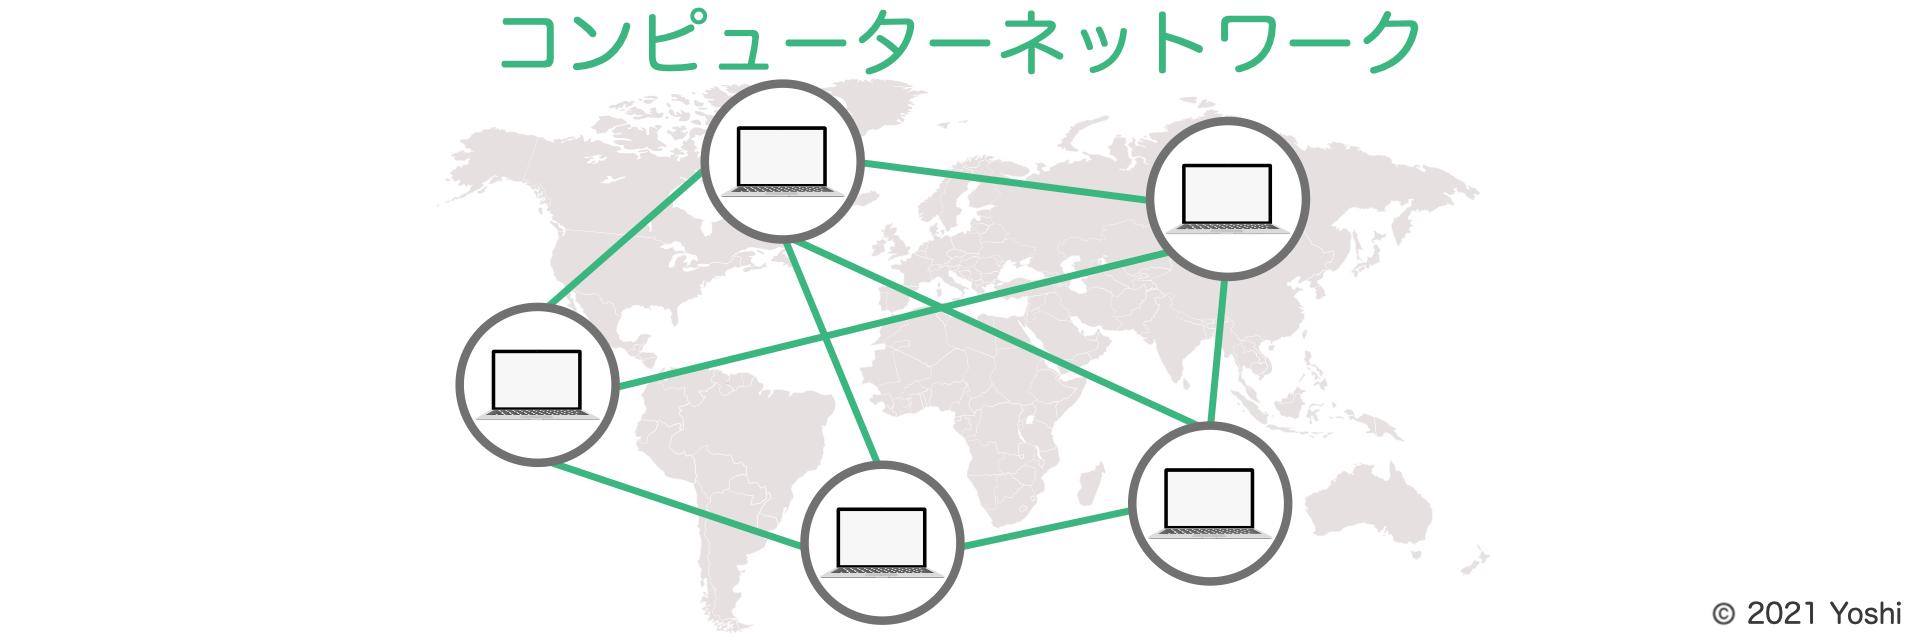 コンピューターネットワークとは?